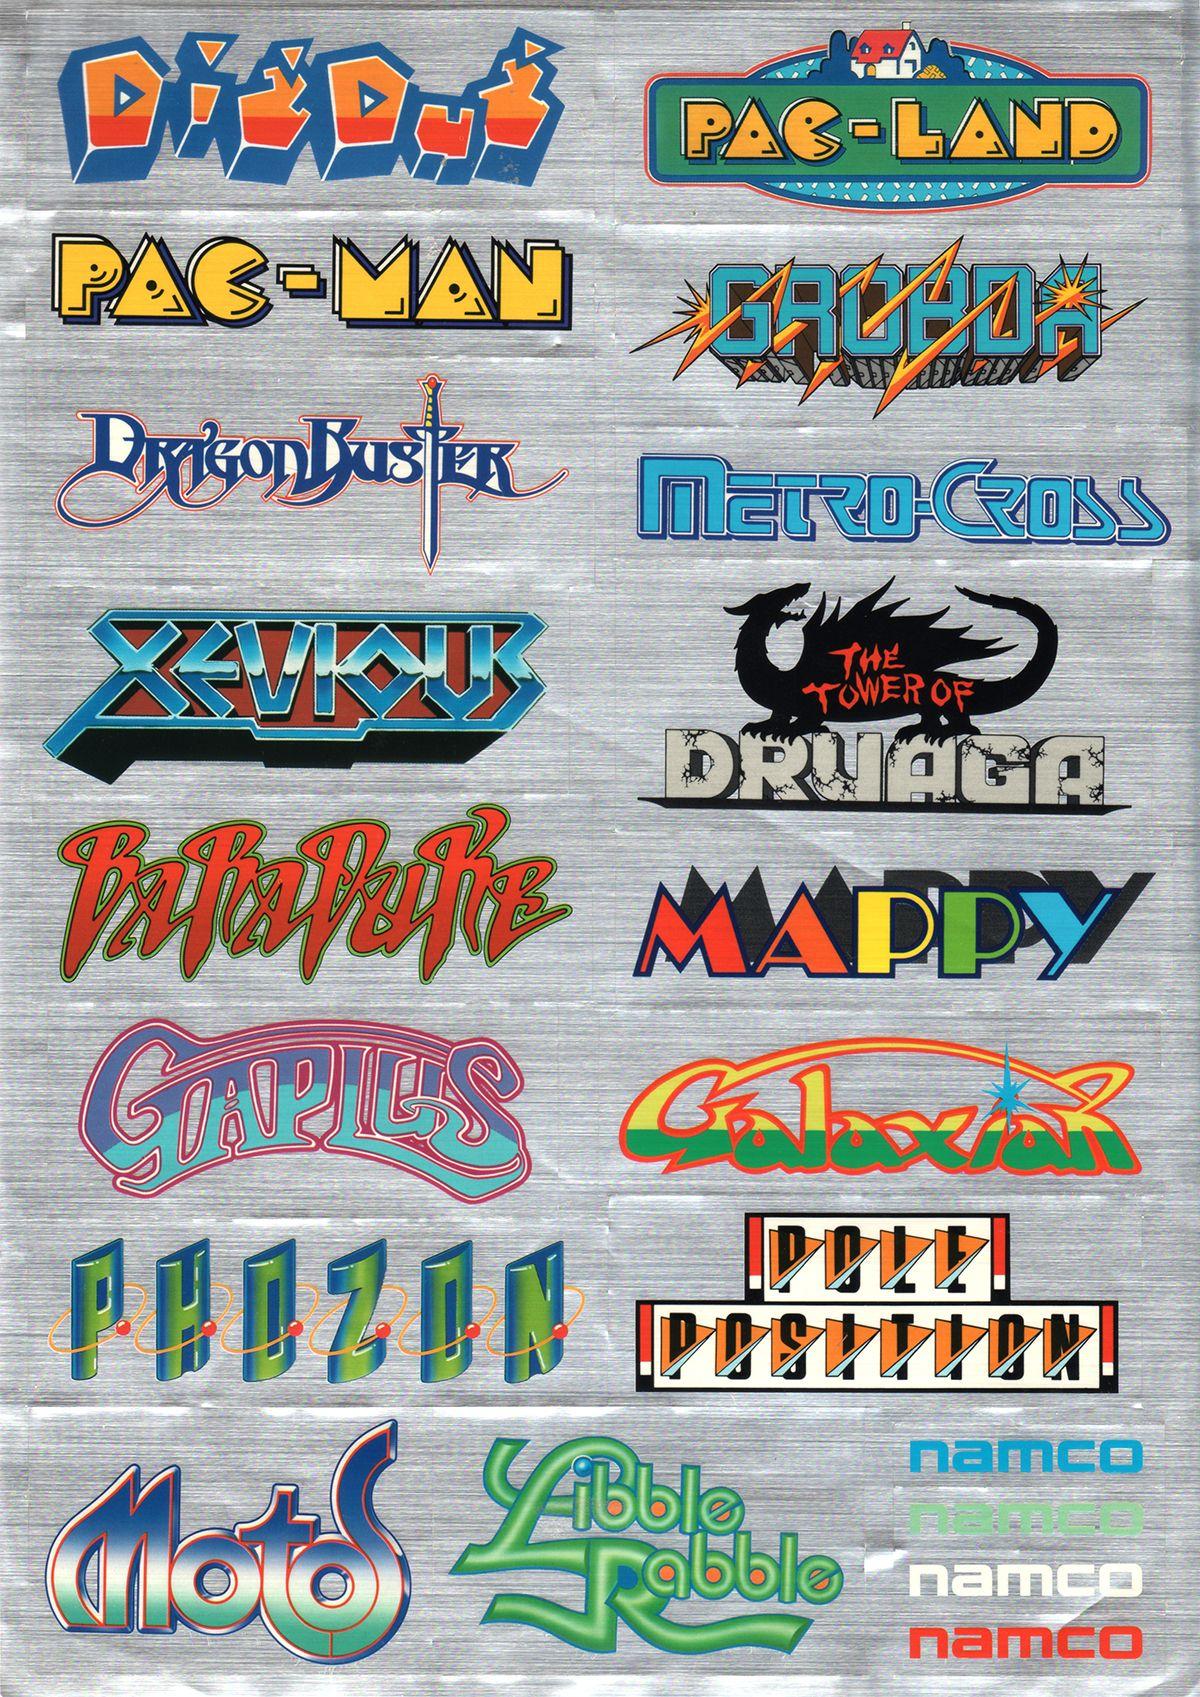 レトロゲーム タイトル Google 検索 ゲームのロゴ, レトロなロゴ, レトロゲーム